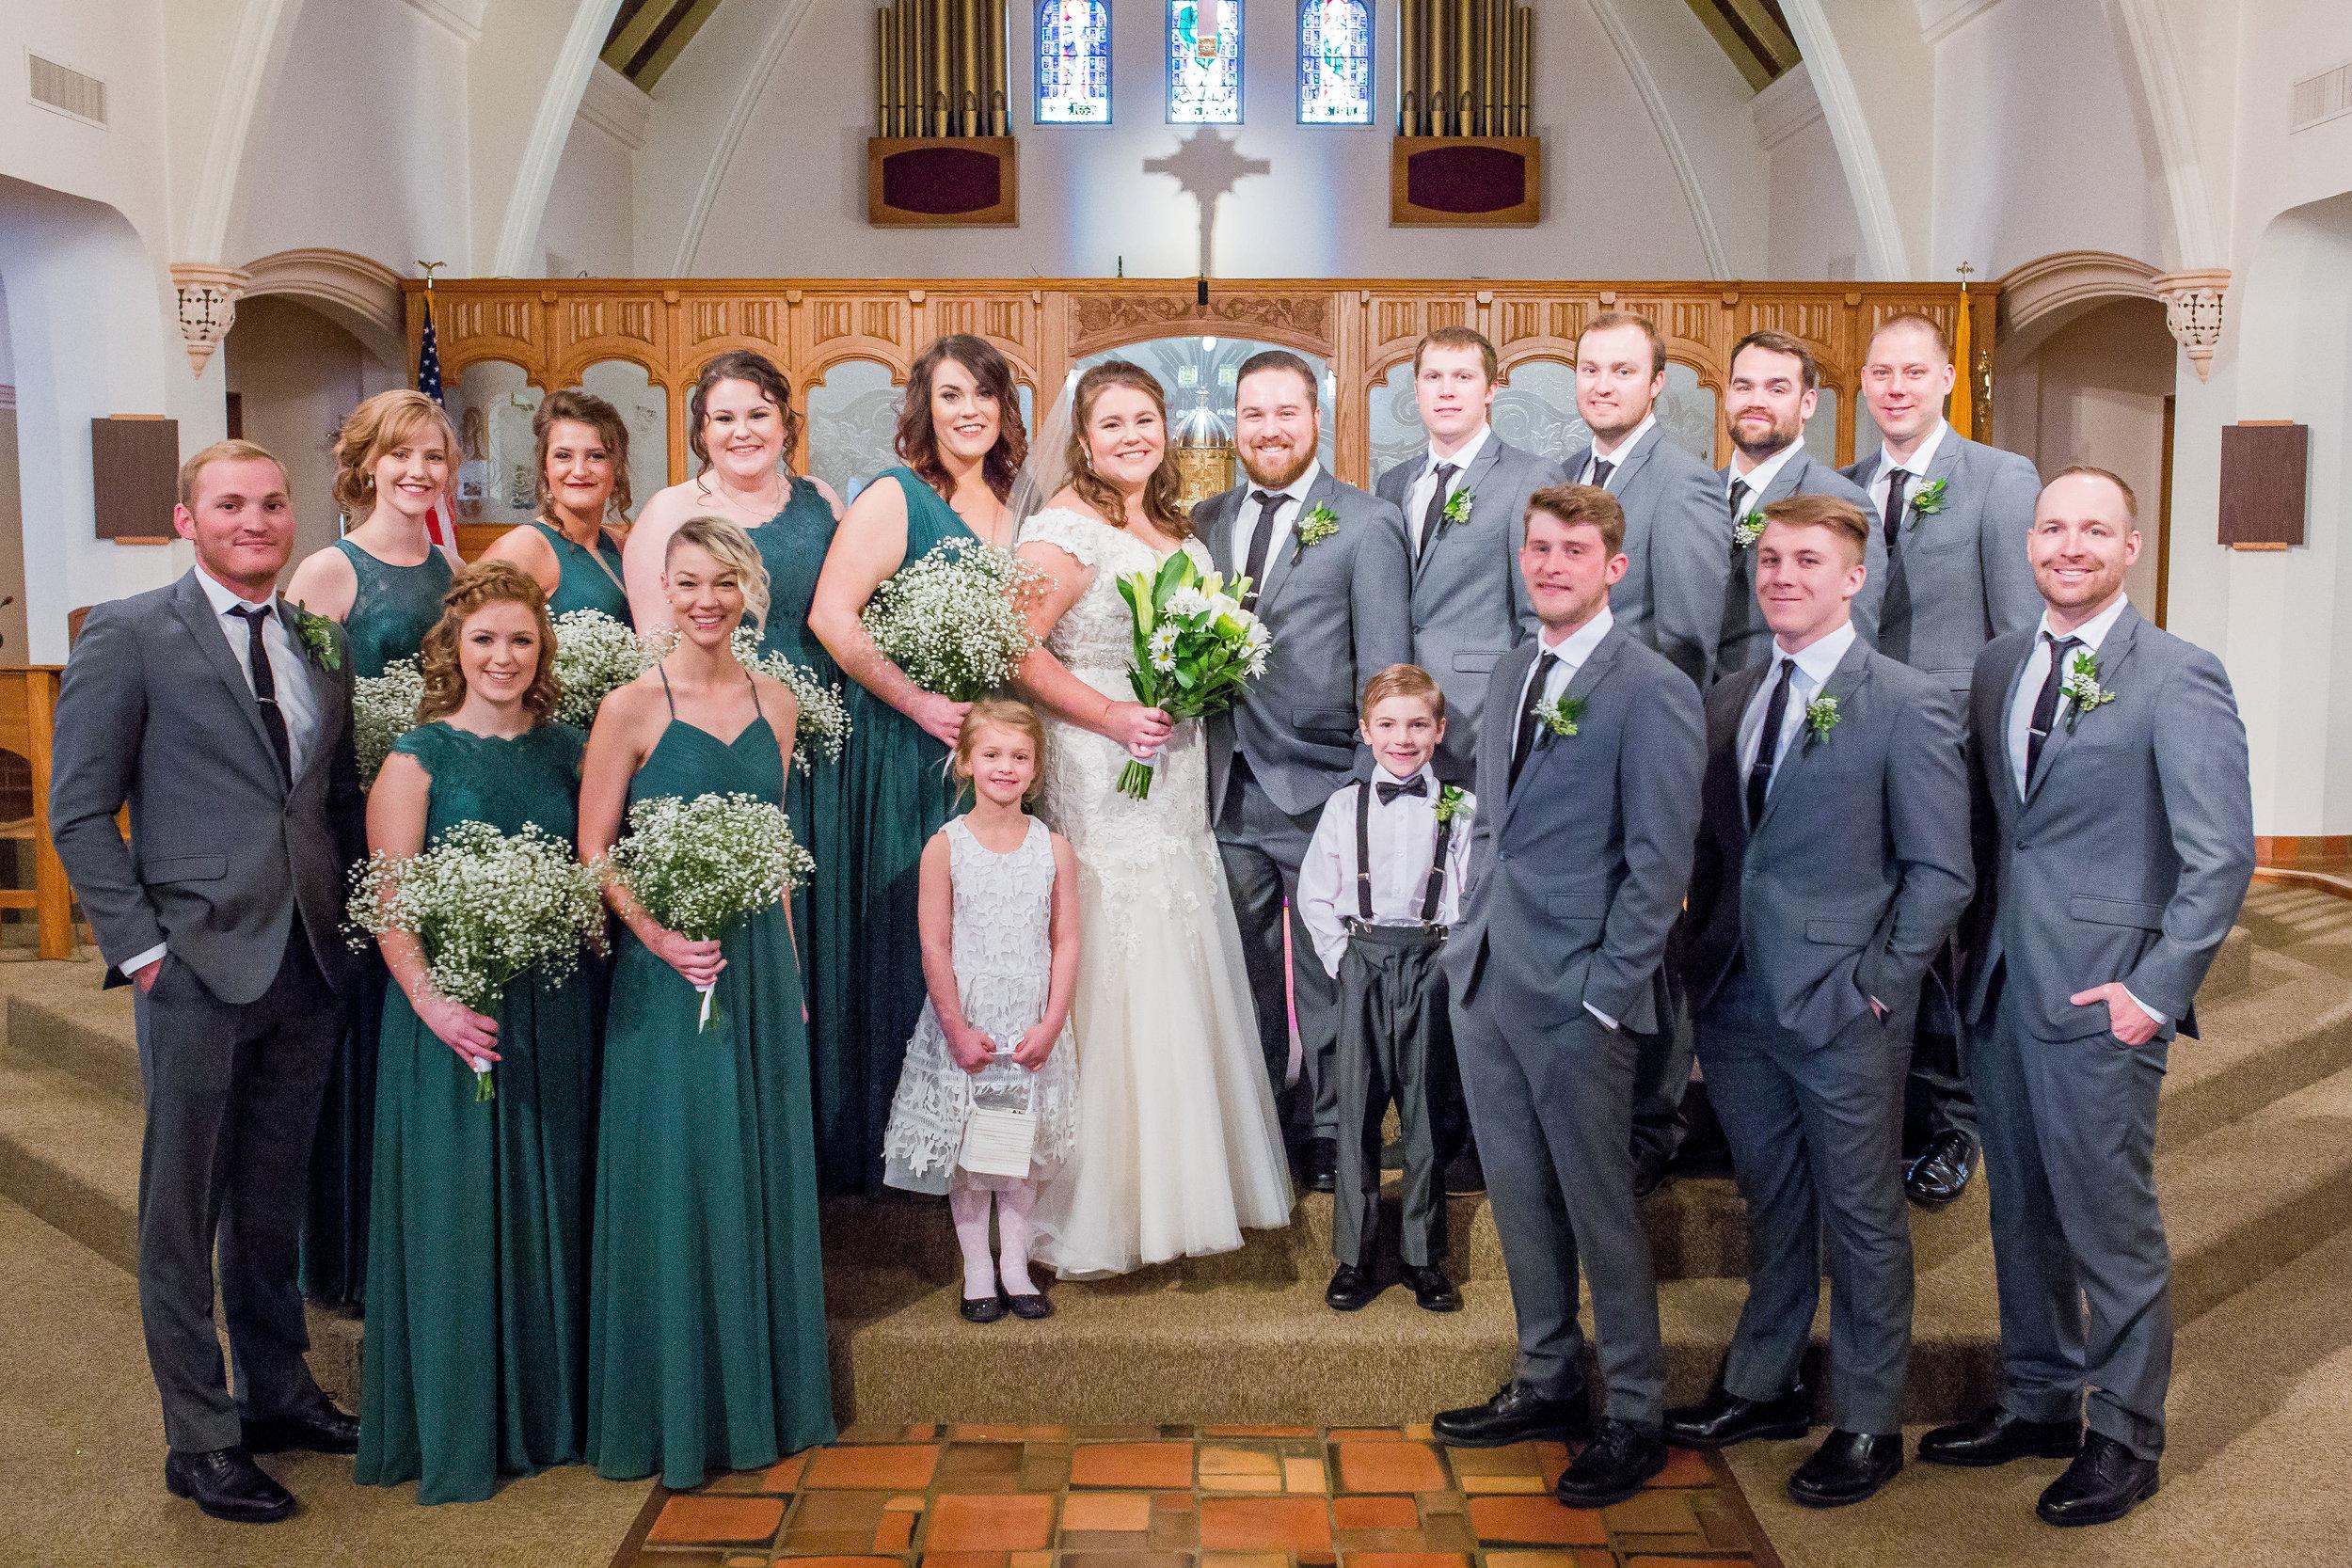 weddingparty3.jpg